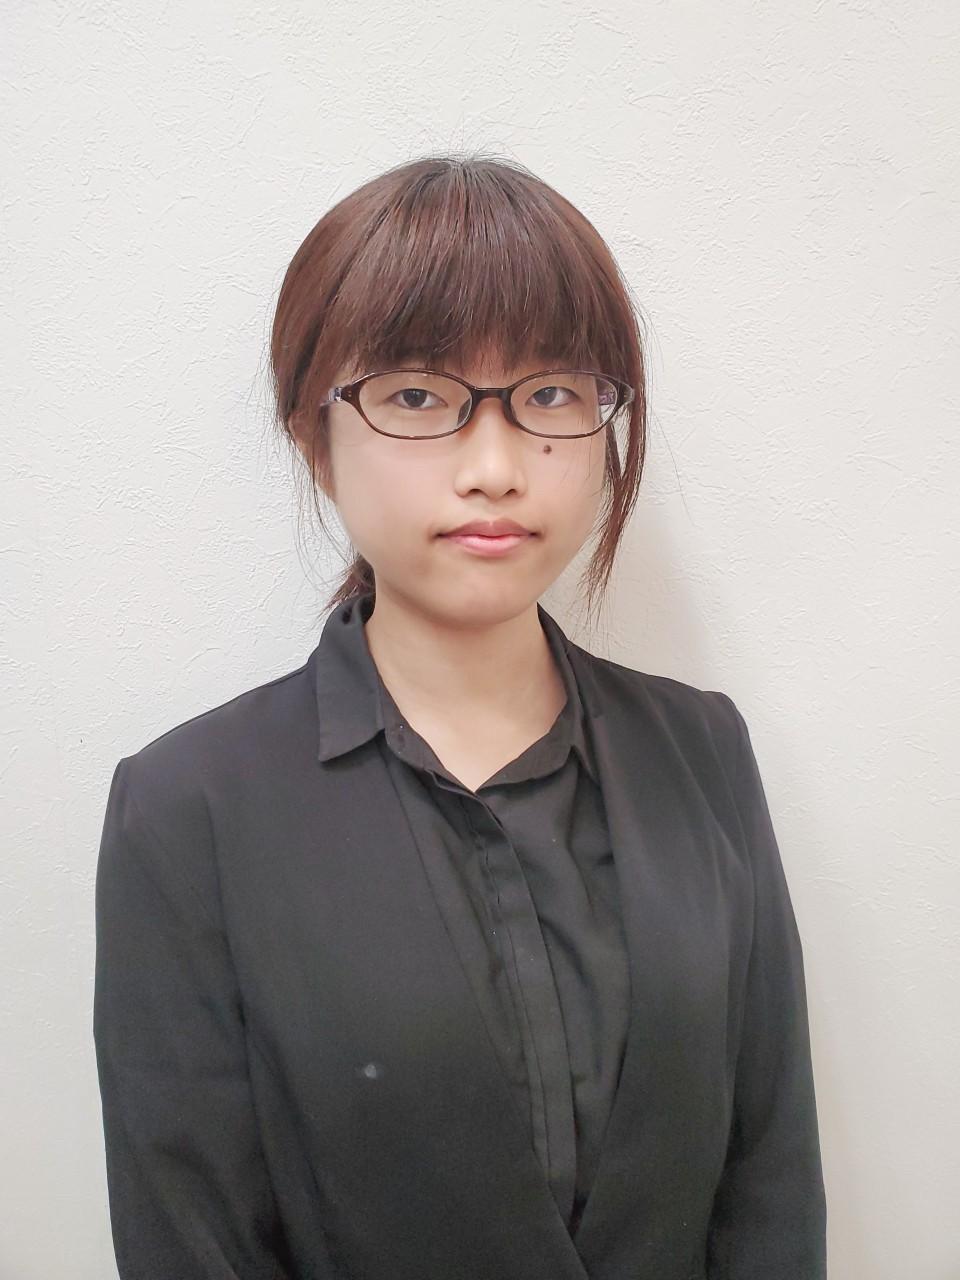 伊藤 璃亜写真